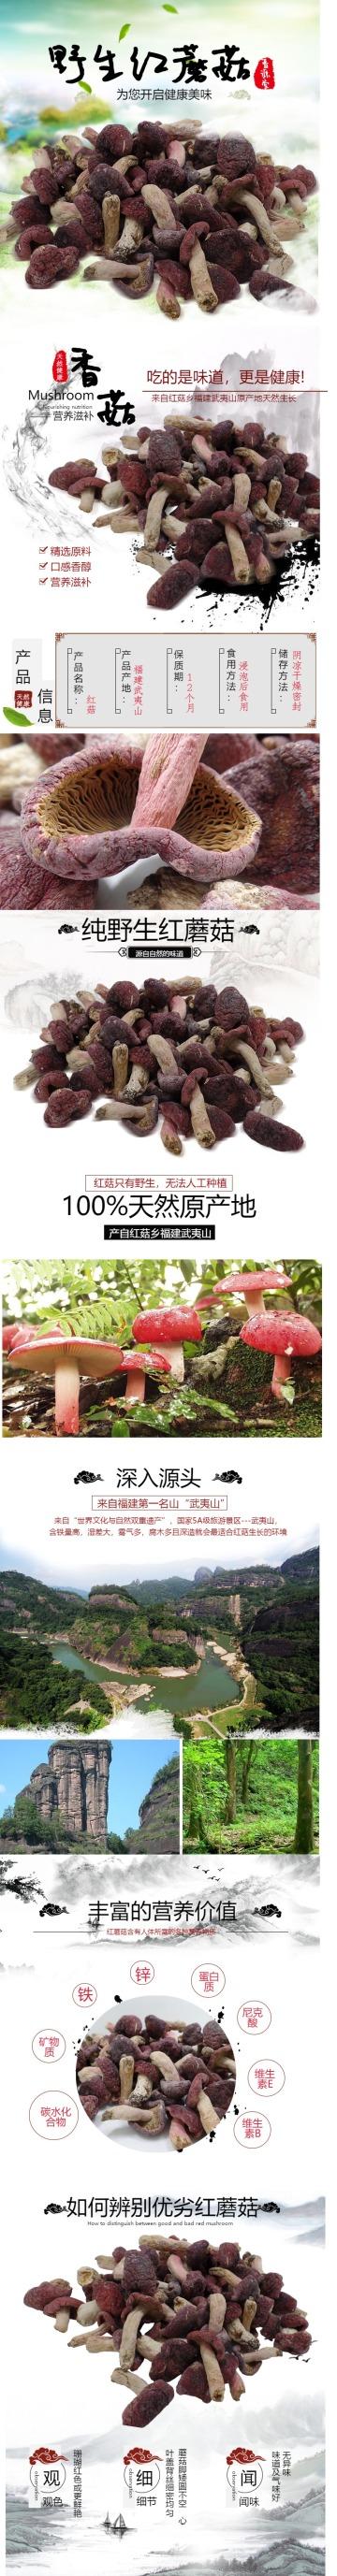 灰色简约扁平野生红蘑菇电商详情页